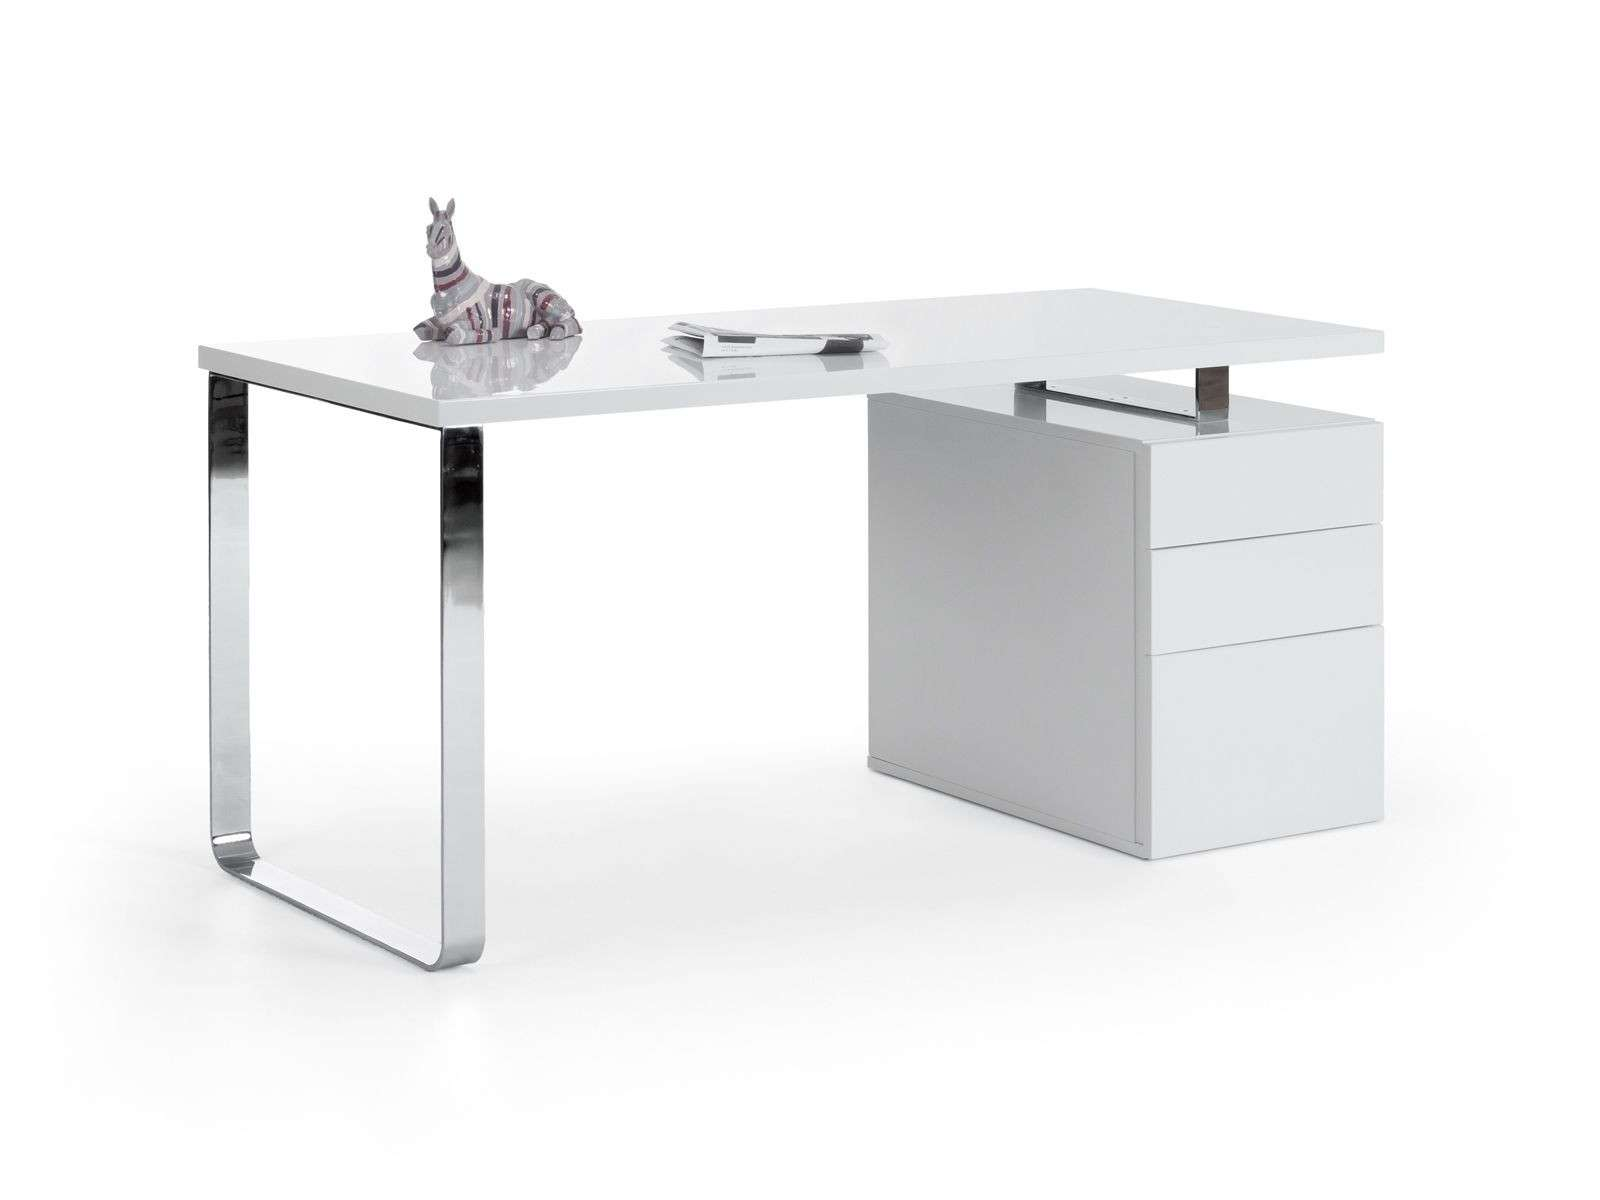 bureau verre trempe unique retour ikea meuble monte mycanal dans l app store galerie of bureau verre trempe